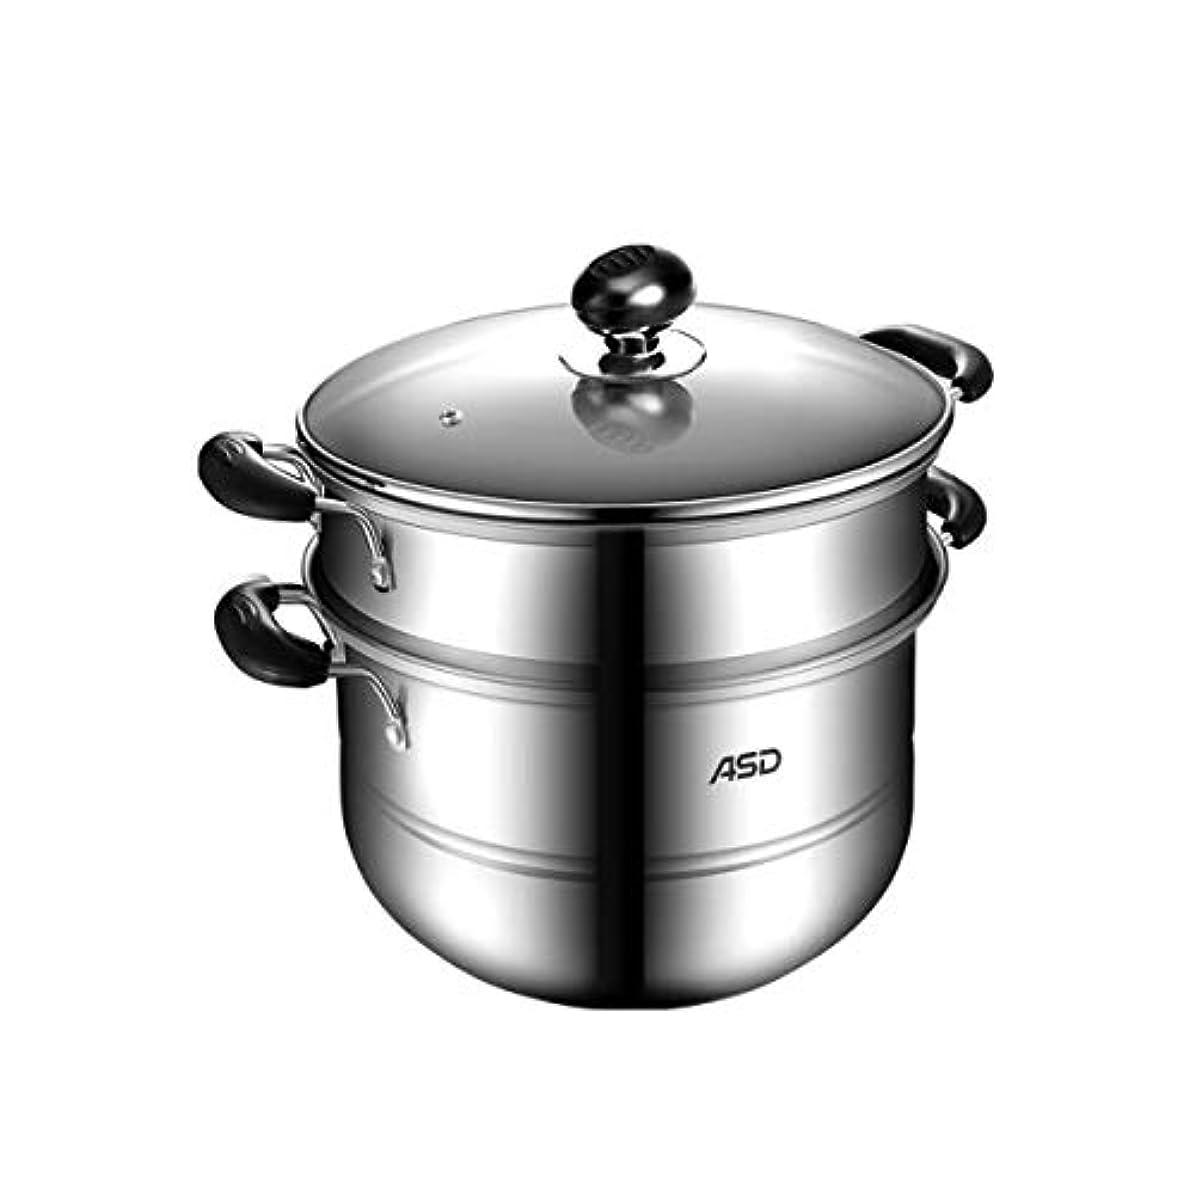 主一部好きLIFANG ステンレス2層蒸し器蒸し器ガス炊飯器一般スープポット多目的調理デュアルユースポット(28cm)シルバー (Color : Silver, Size : 28cm)